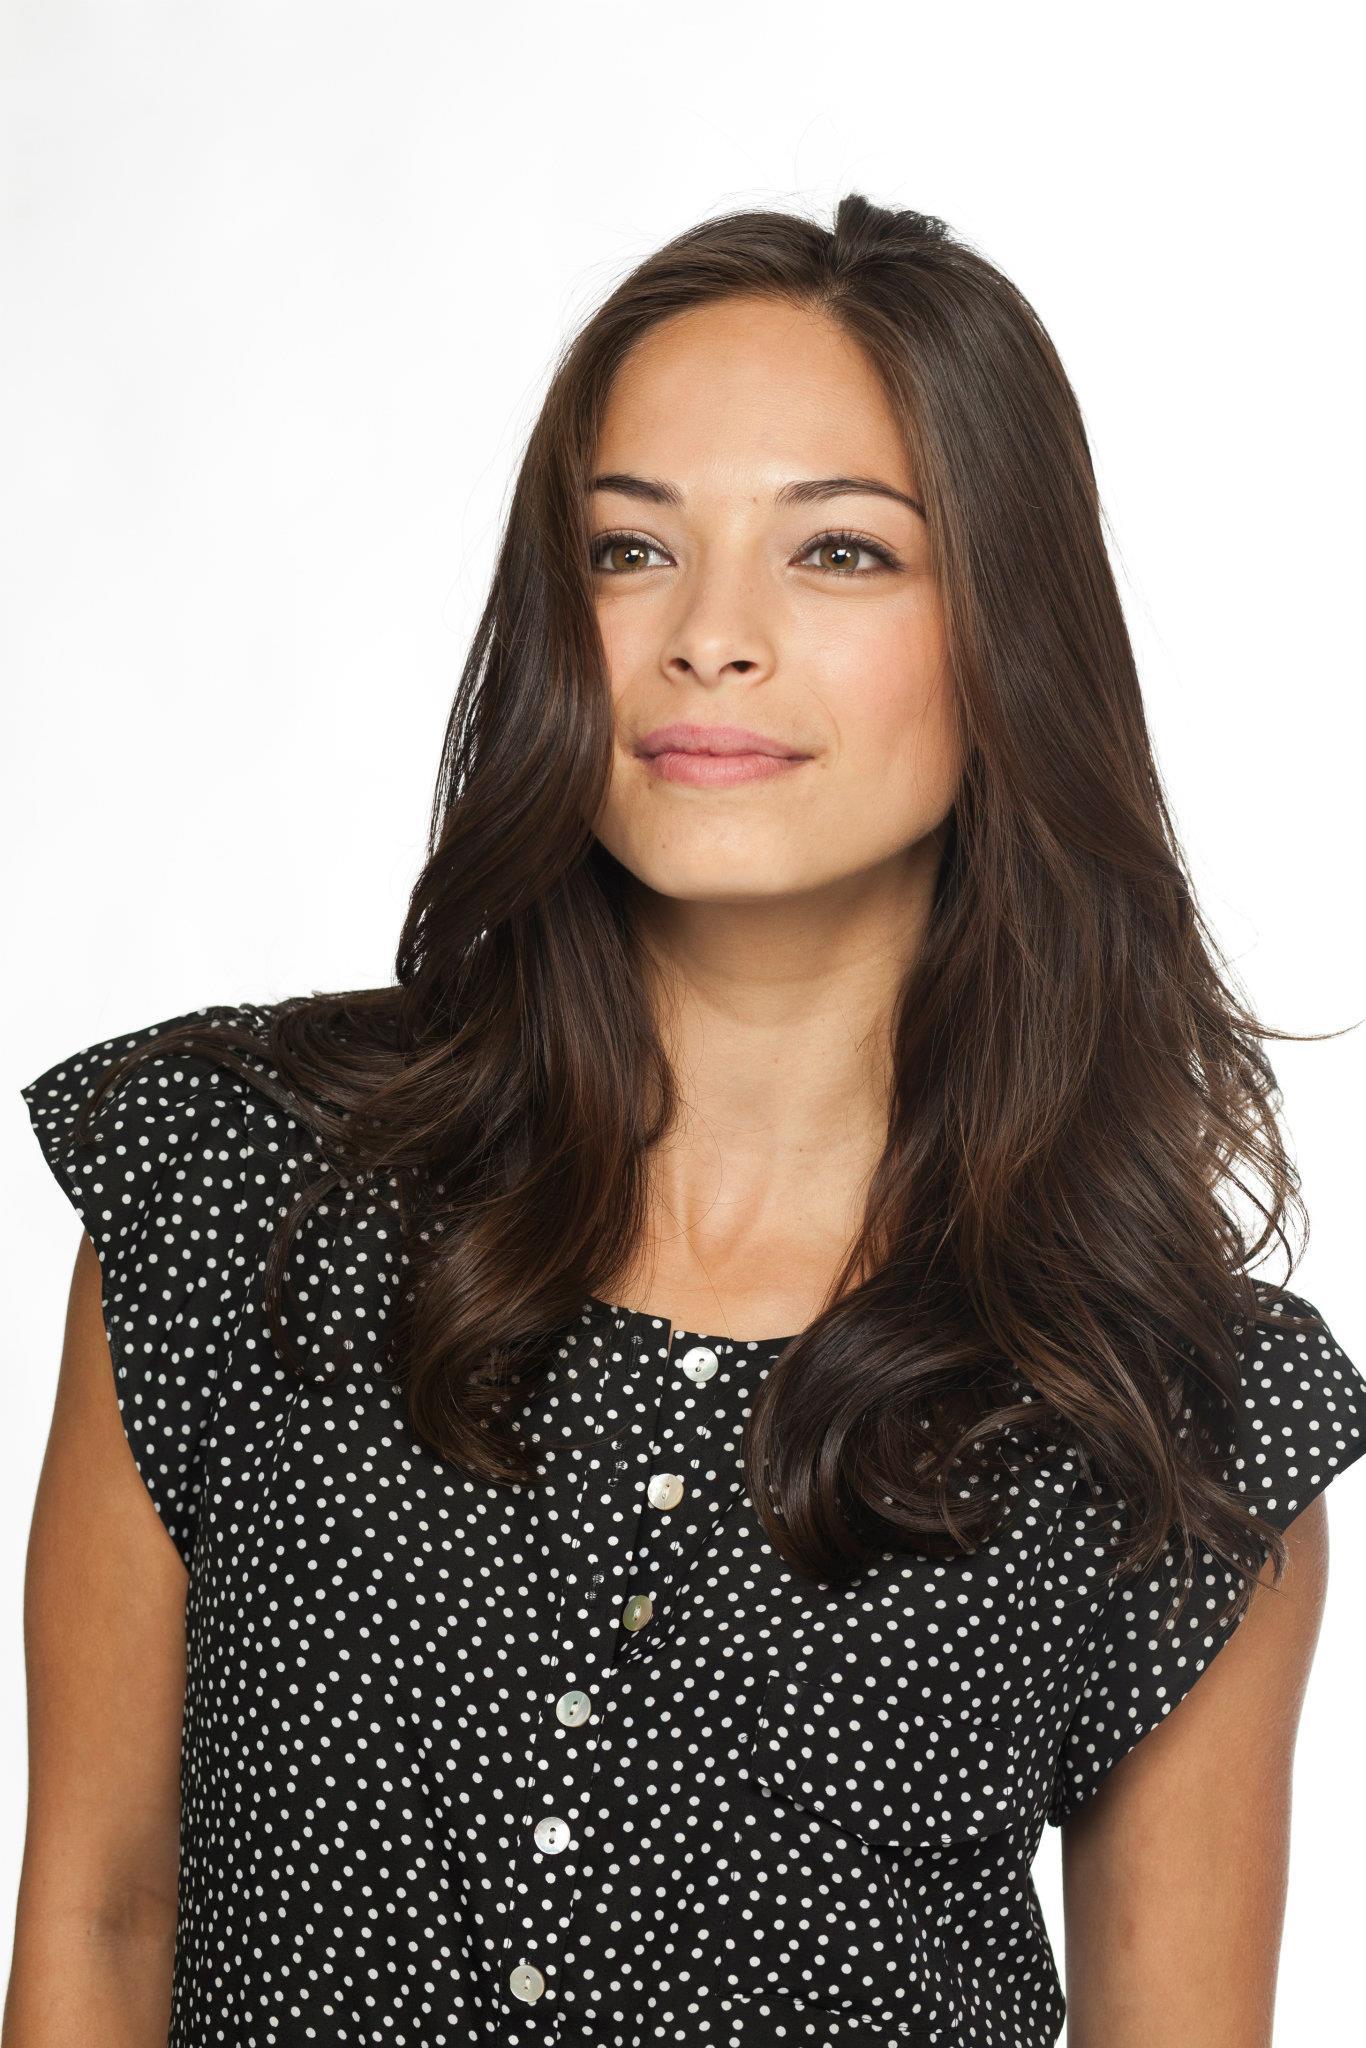 Digitalminx.com - Actresses - Kristin Kreuk - Page 1